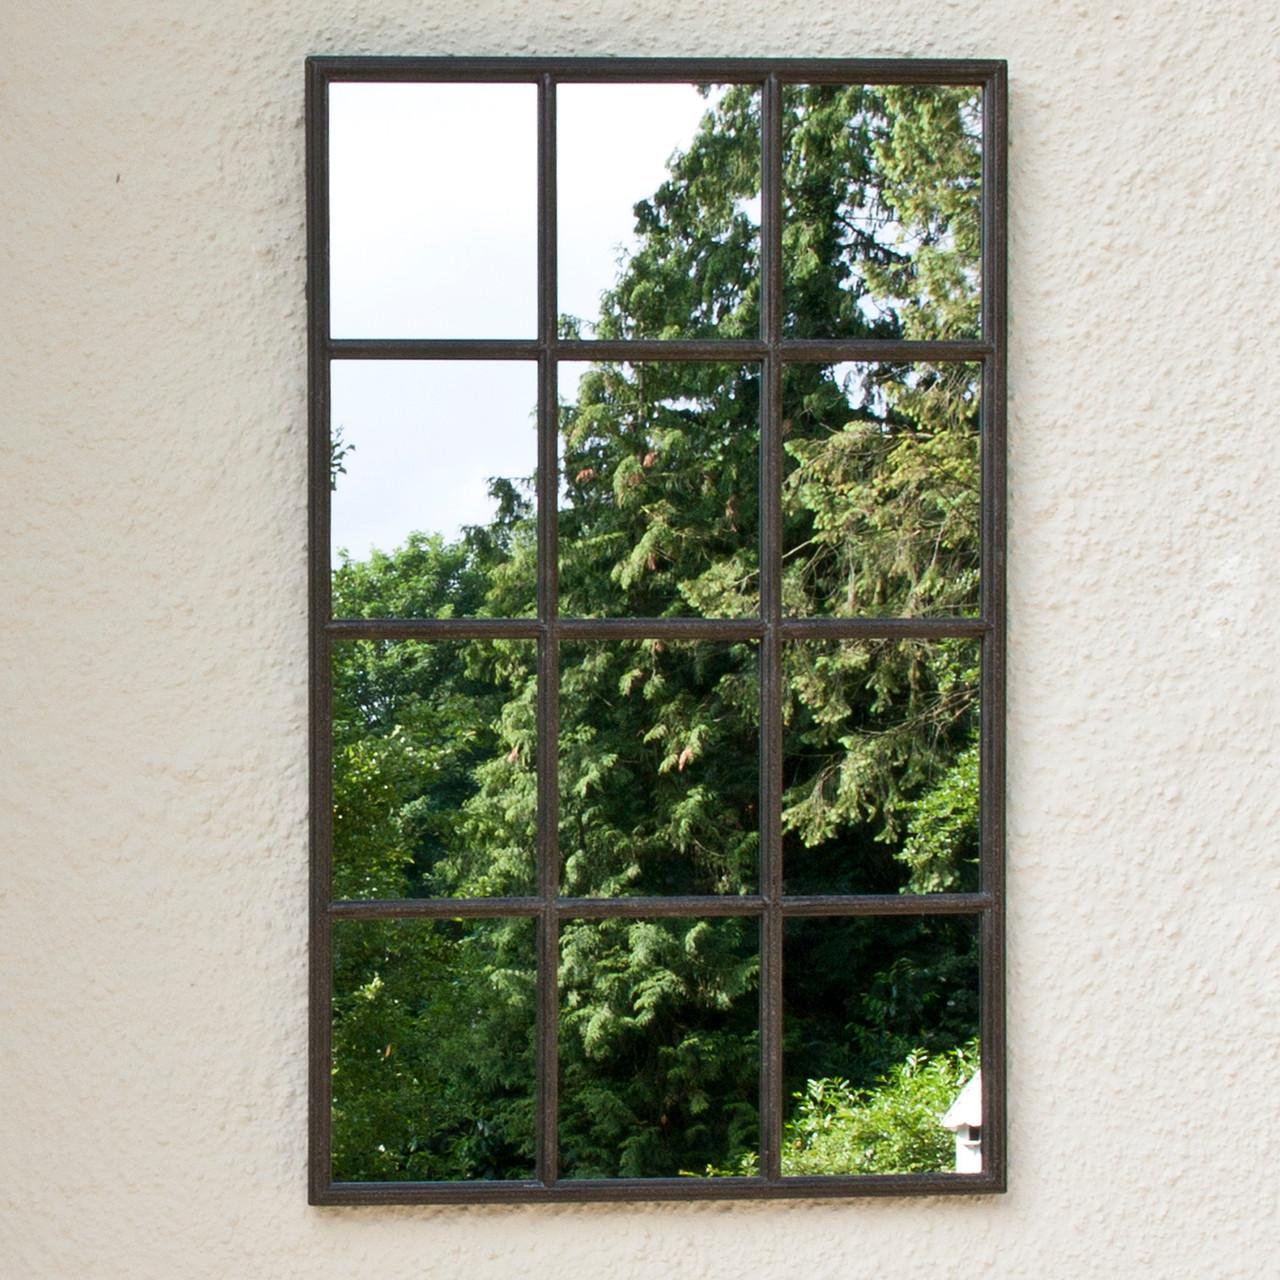 Image of Classic Outdoor Garden Mirror